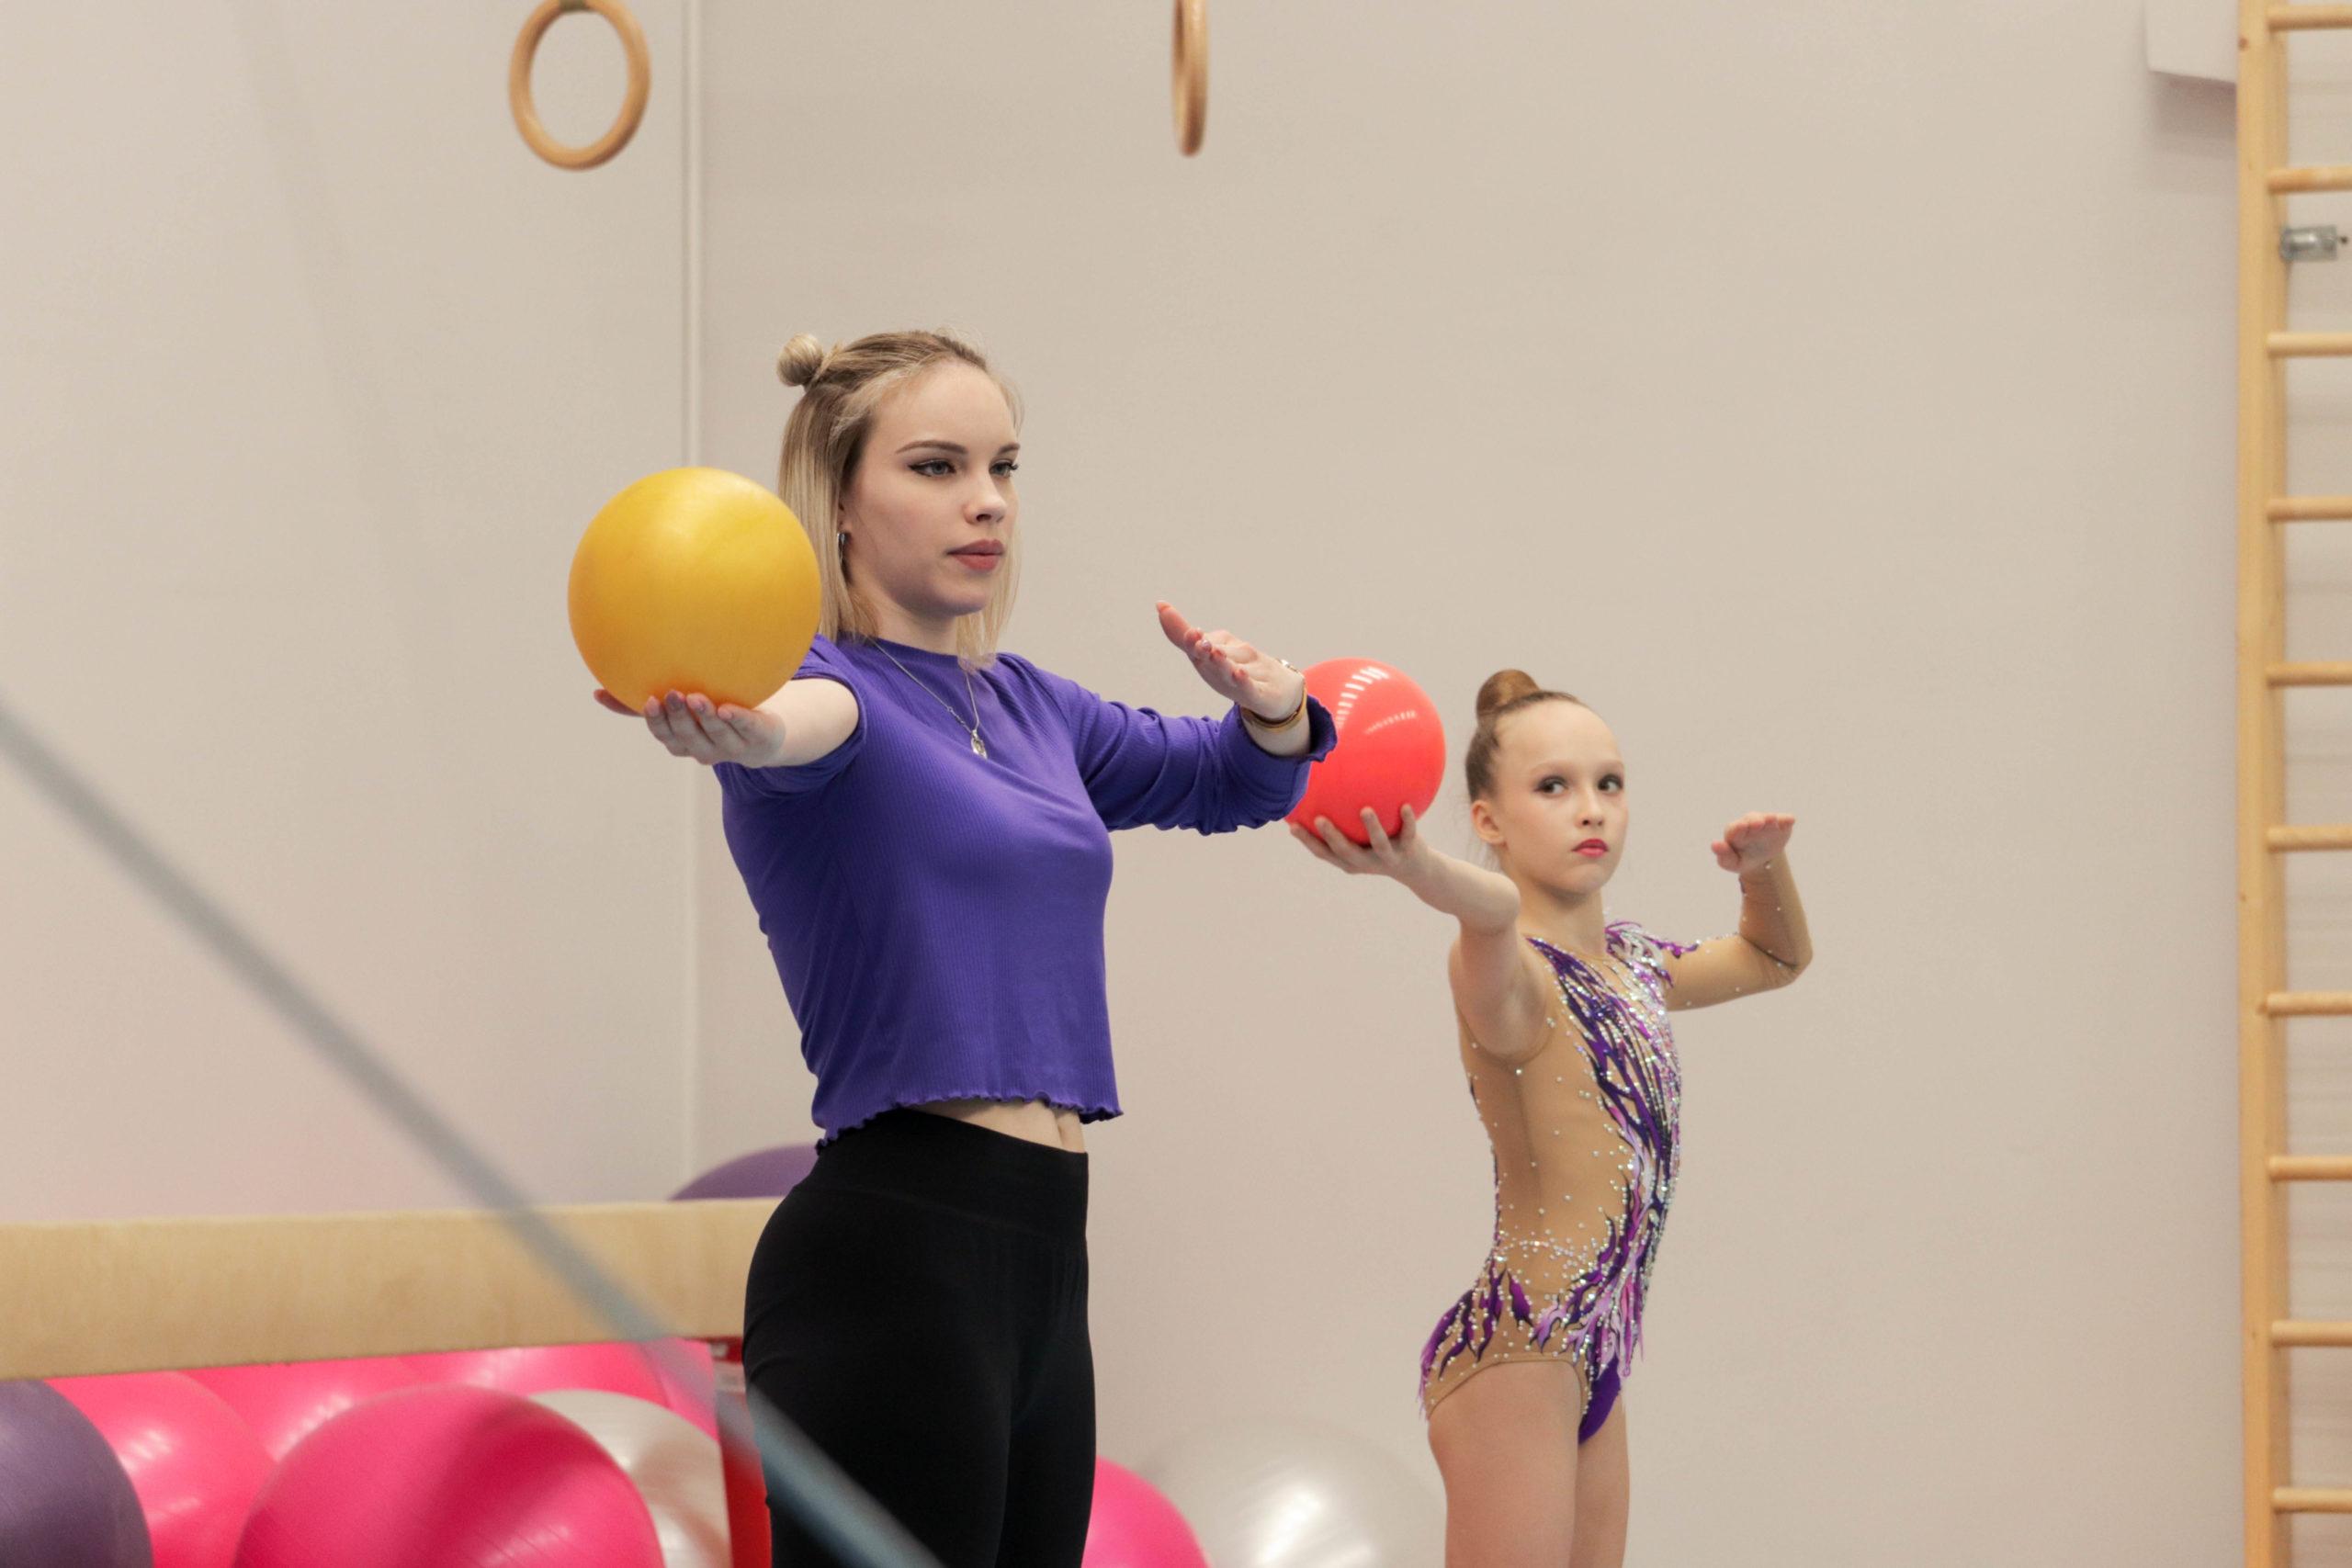 День открытых дверей гимнастической школы